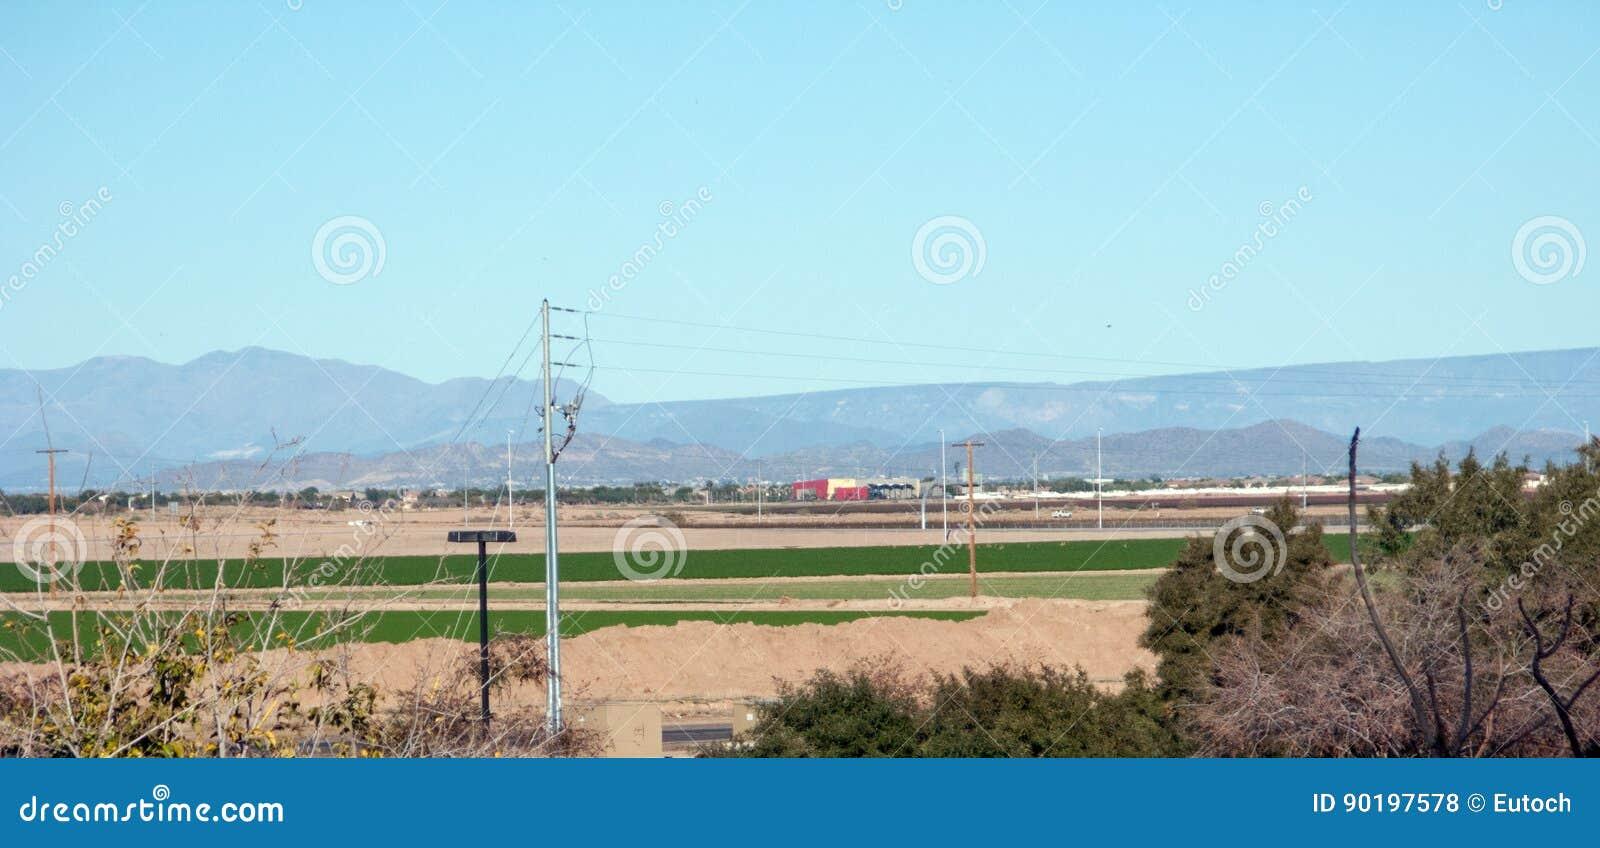 Litchfield Park west of Phoenix, AZ